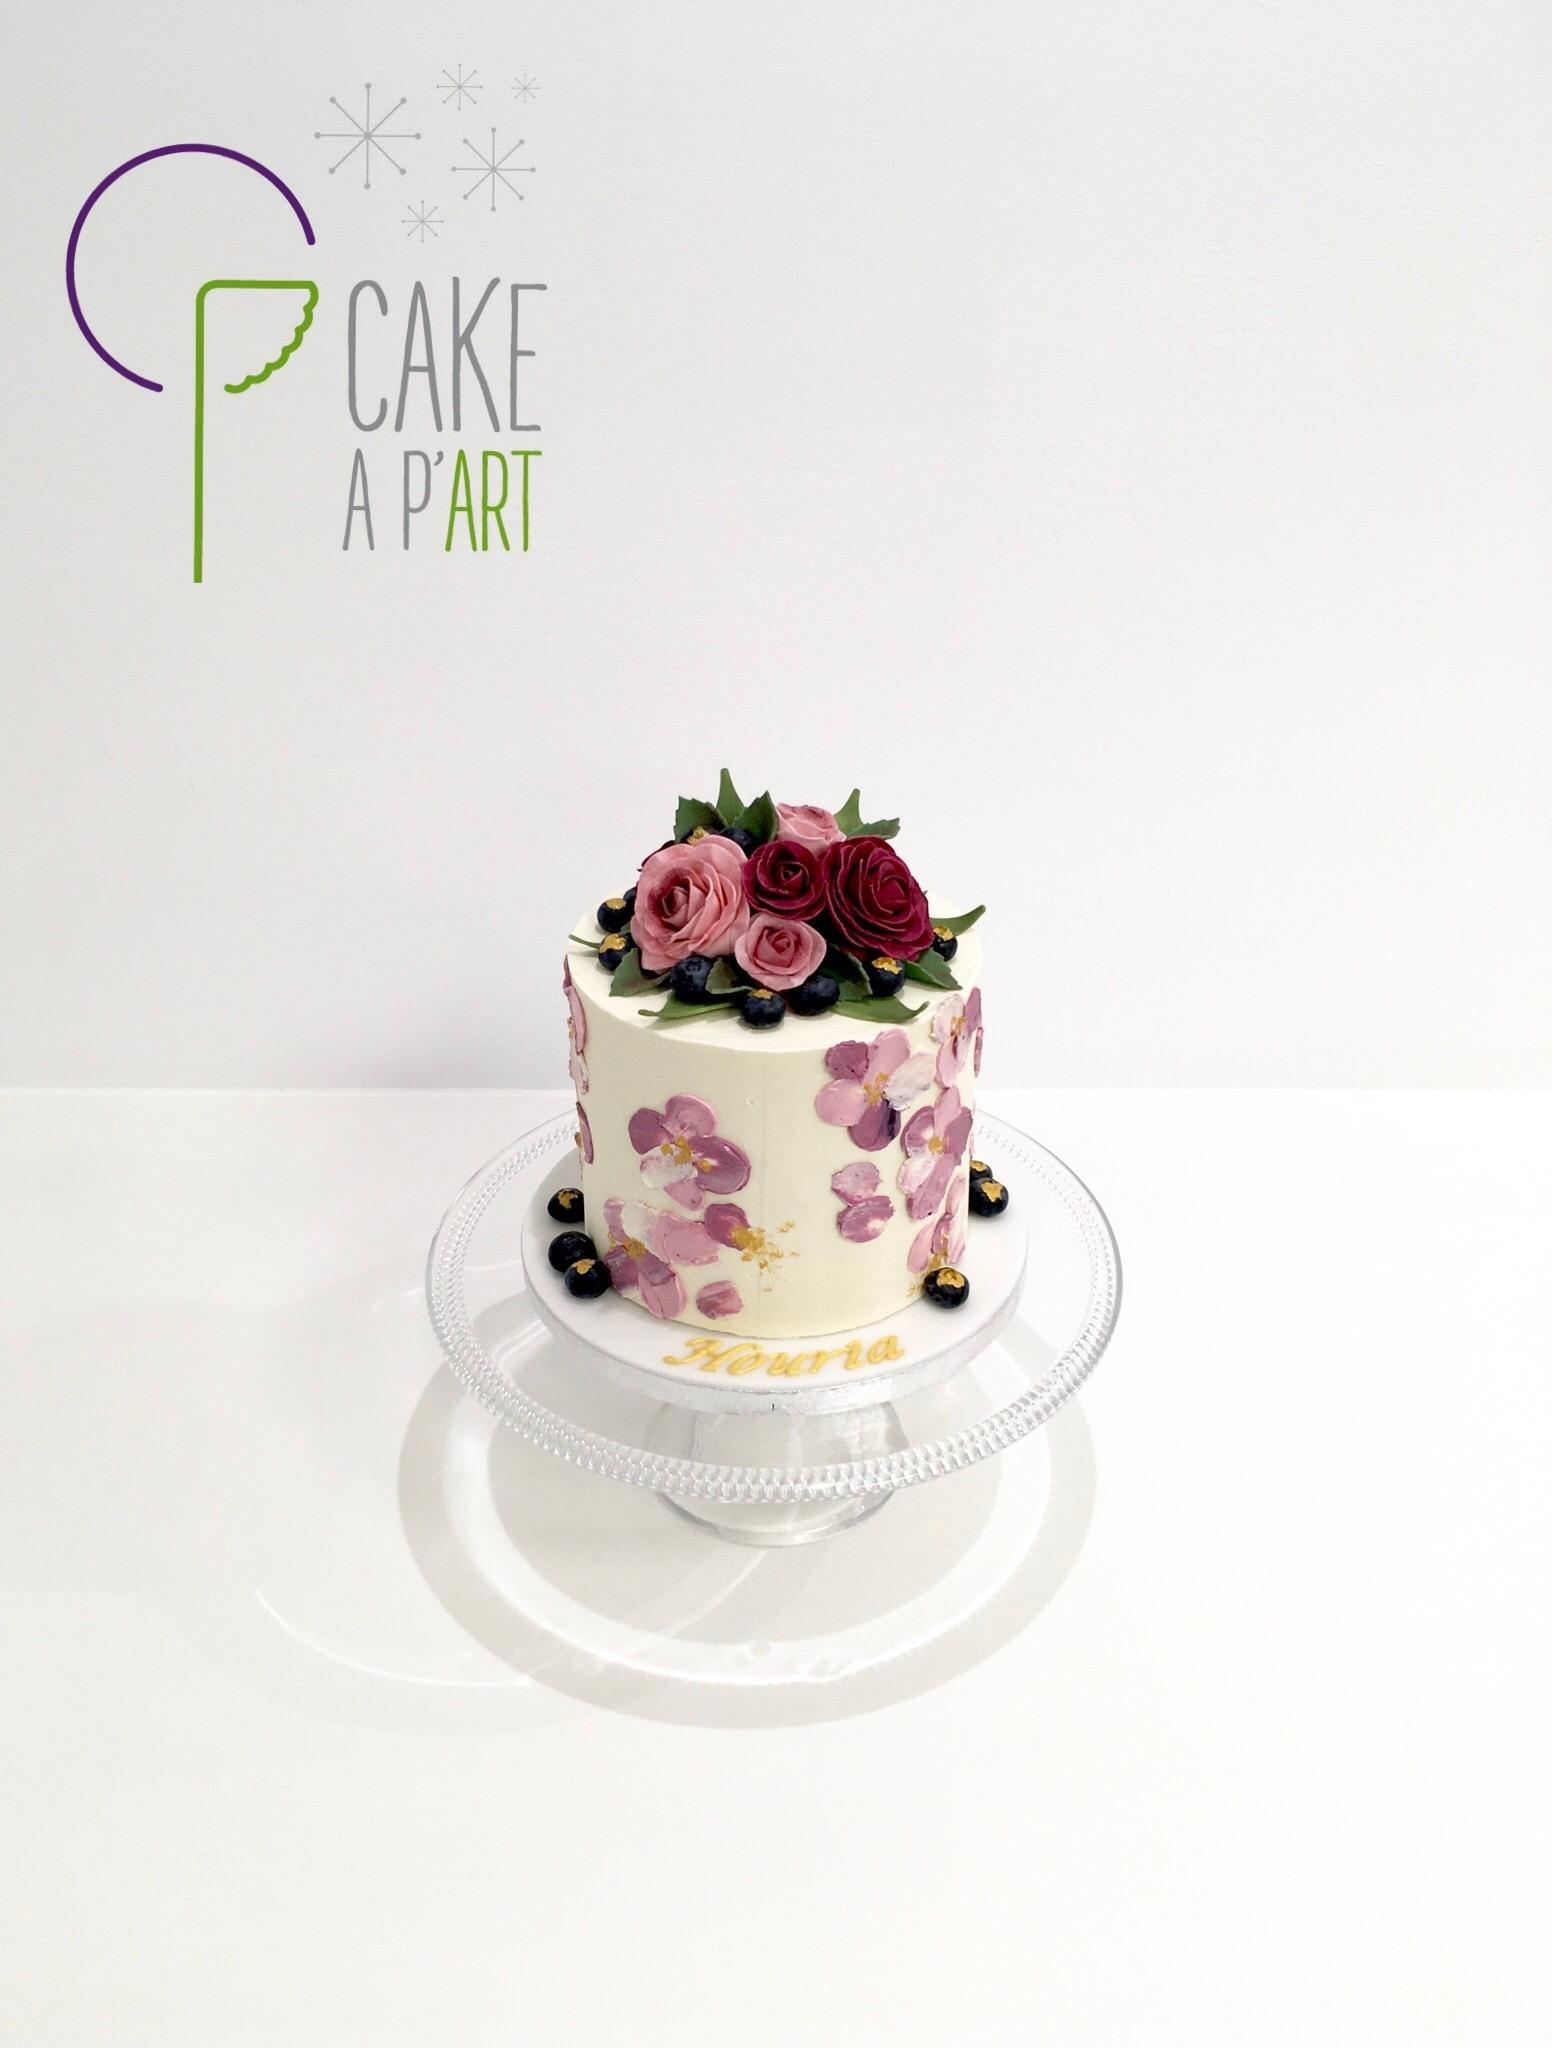 Gâteau personnalisé anniversaire - Nude Cake Floral Bouquet de roses Myrtilles